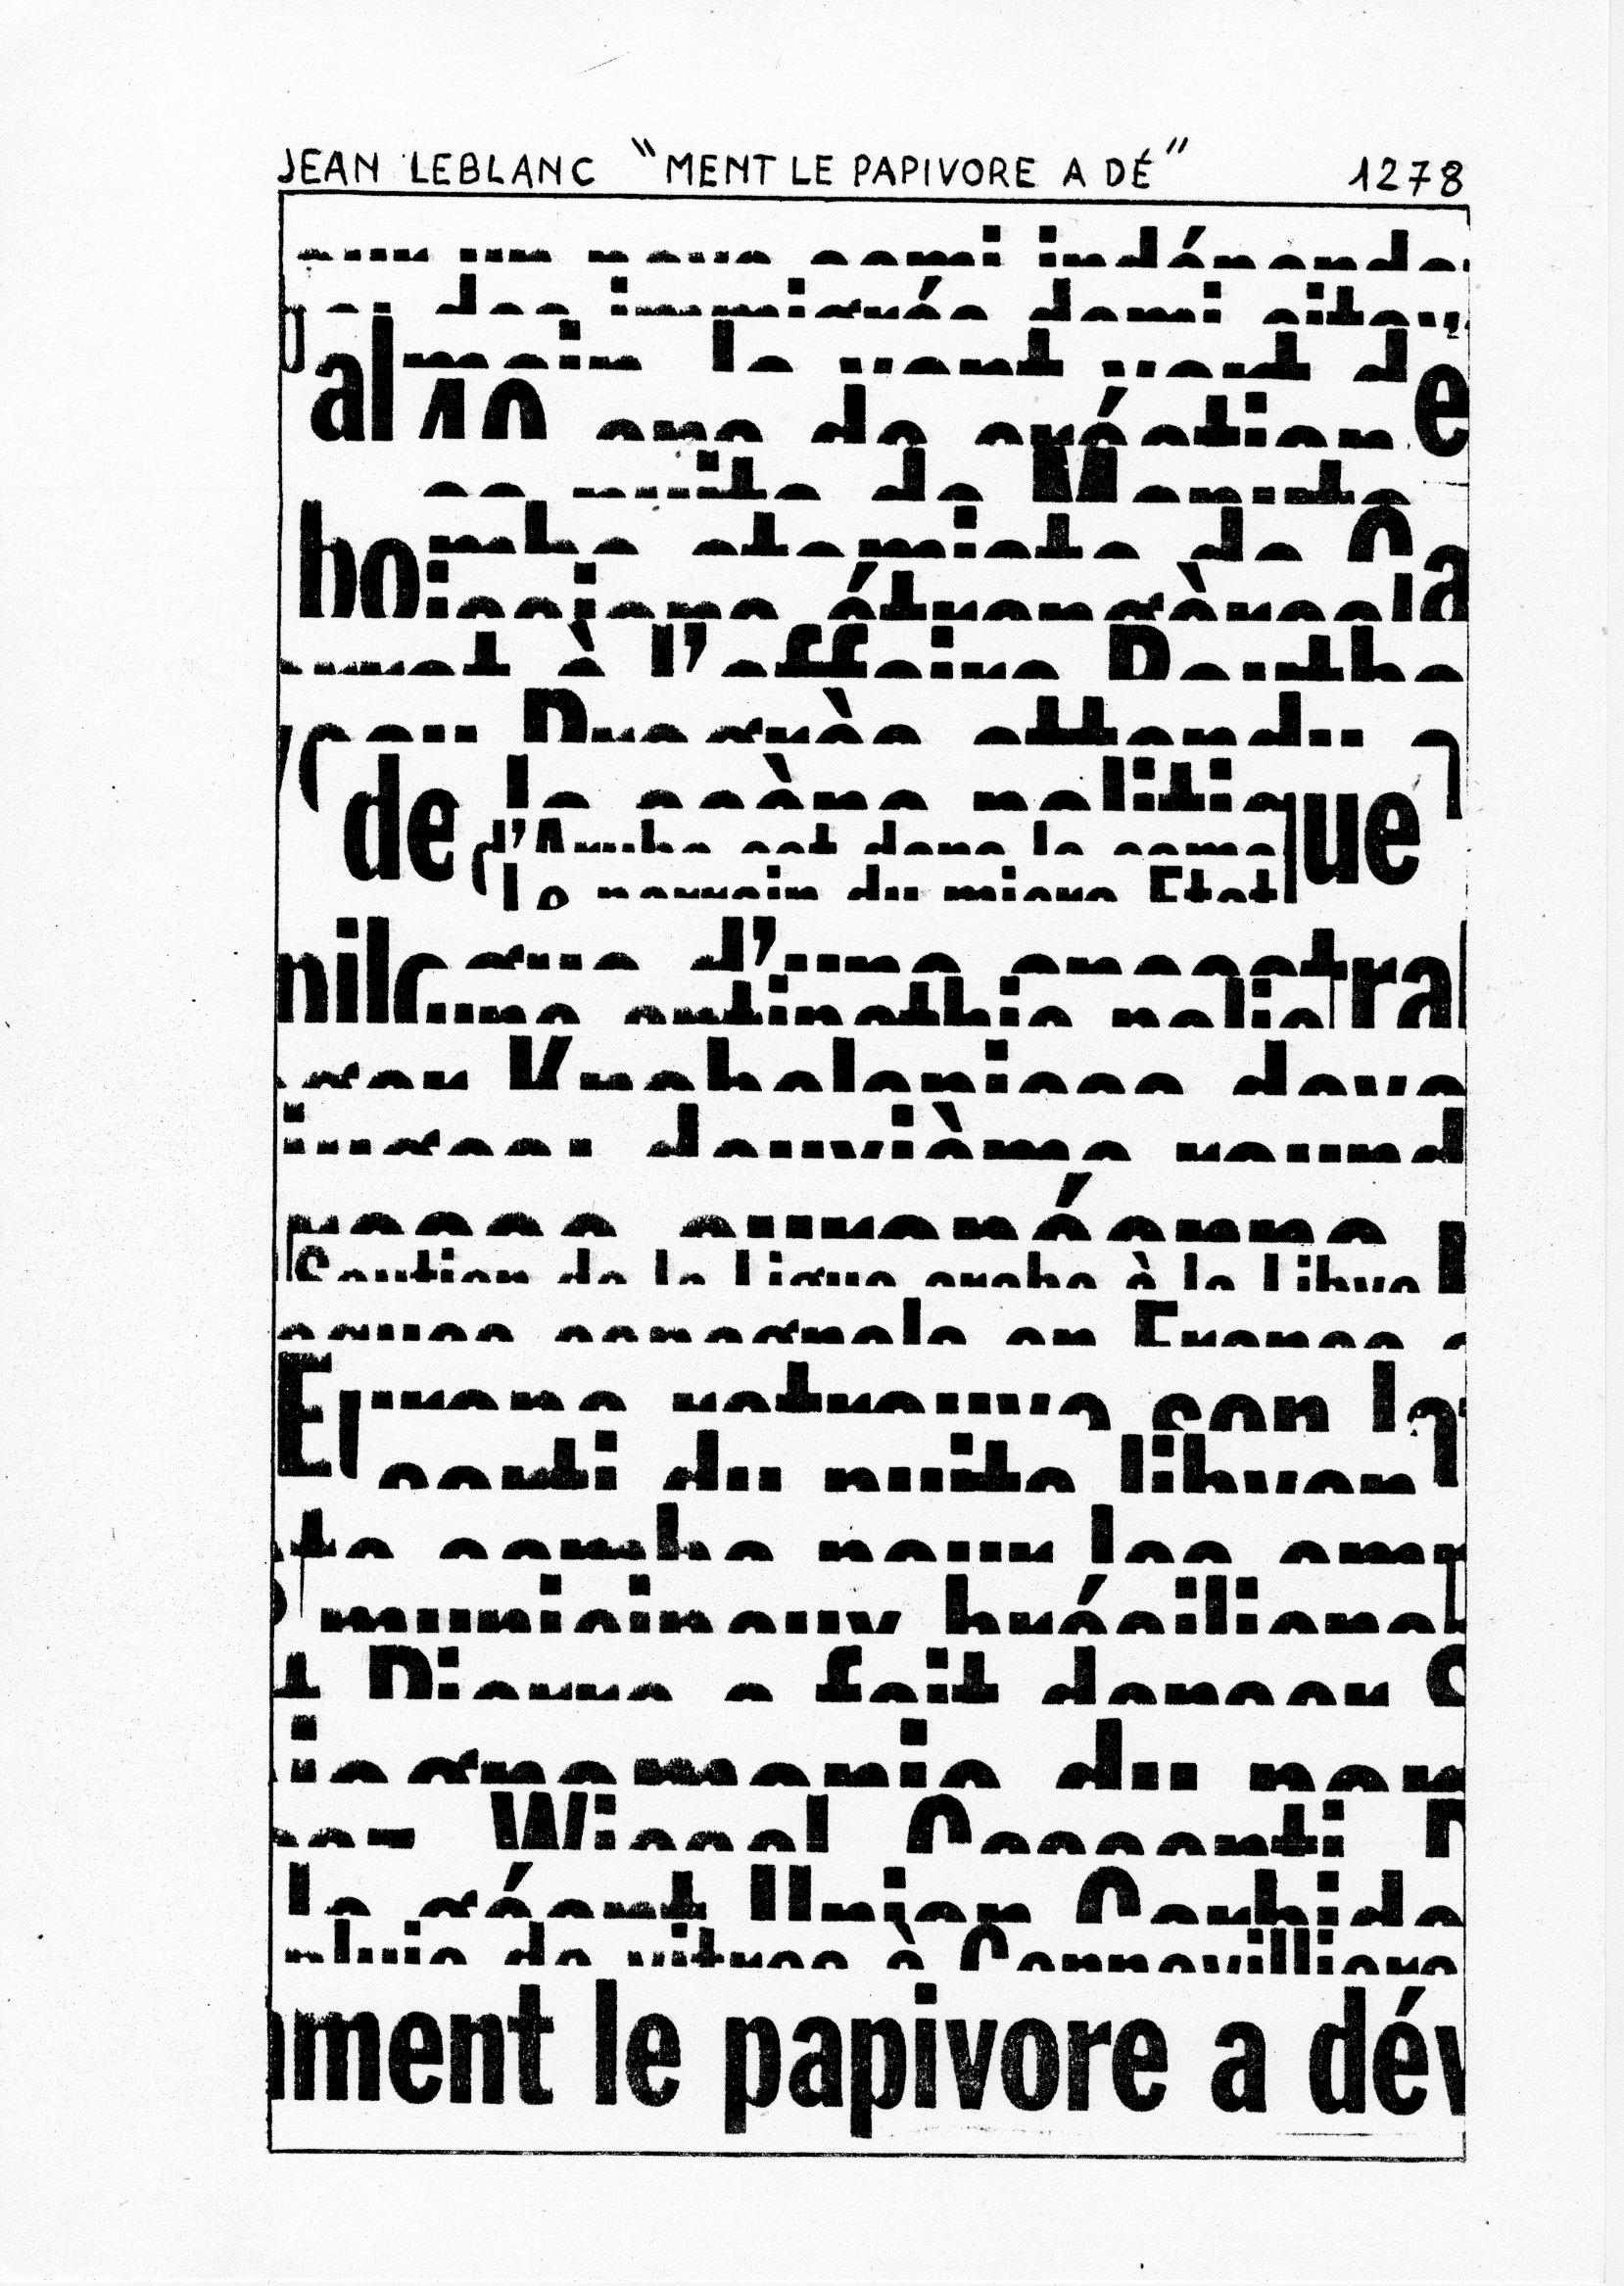 page 1278 J. Leblanc MENT LE PAPIVORE A DE